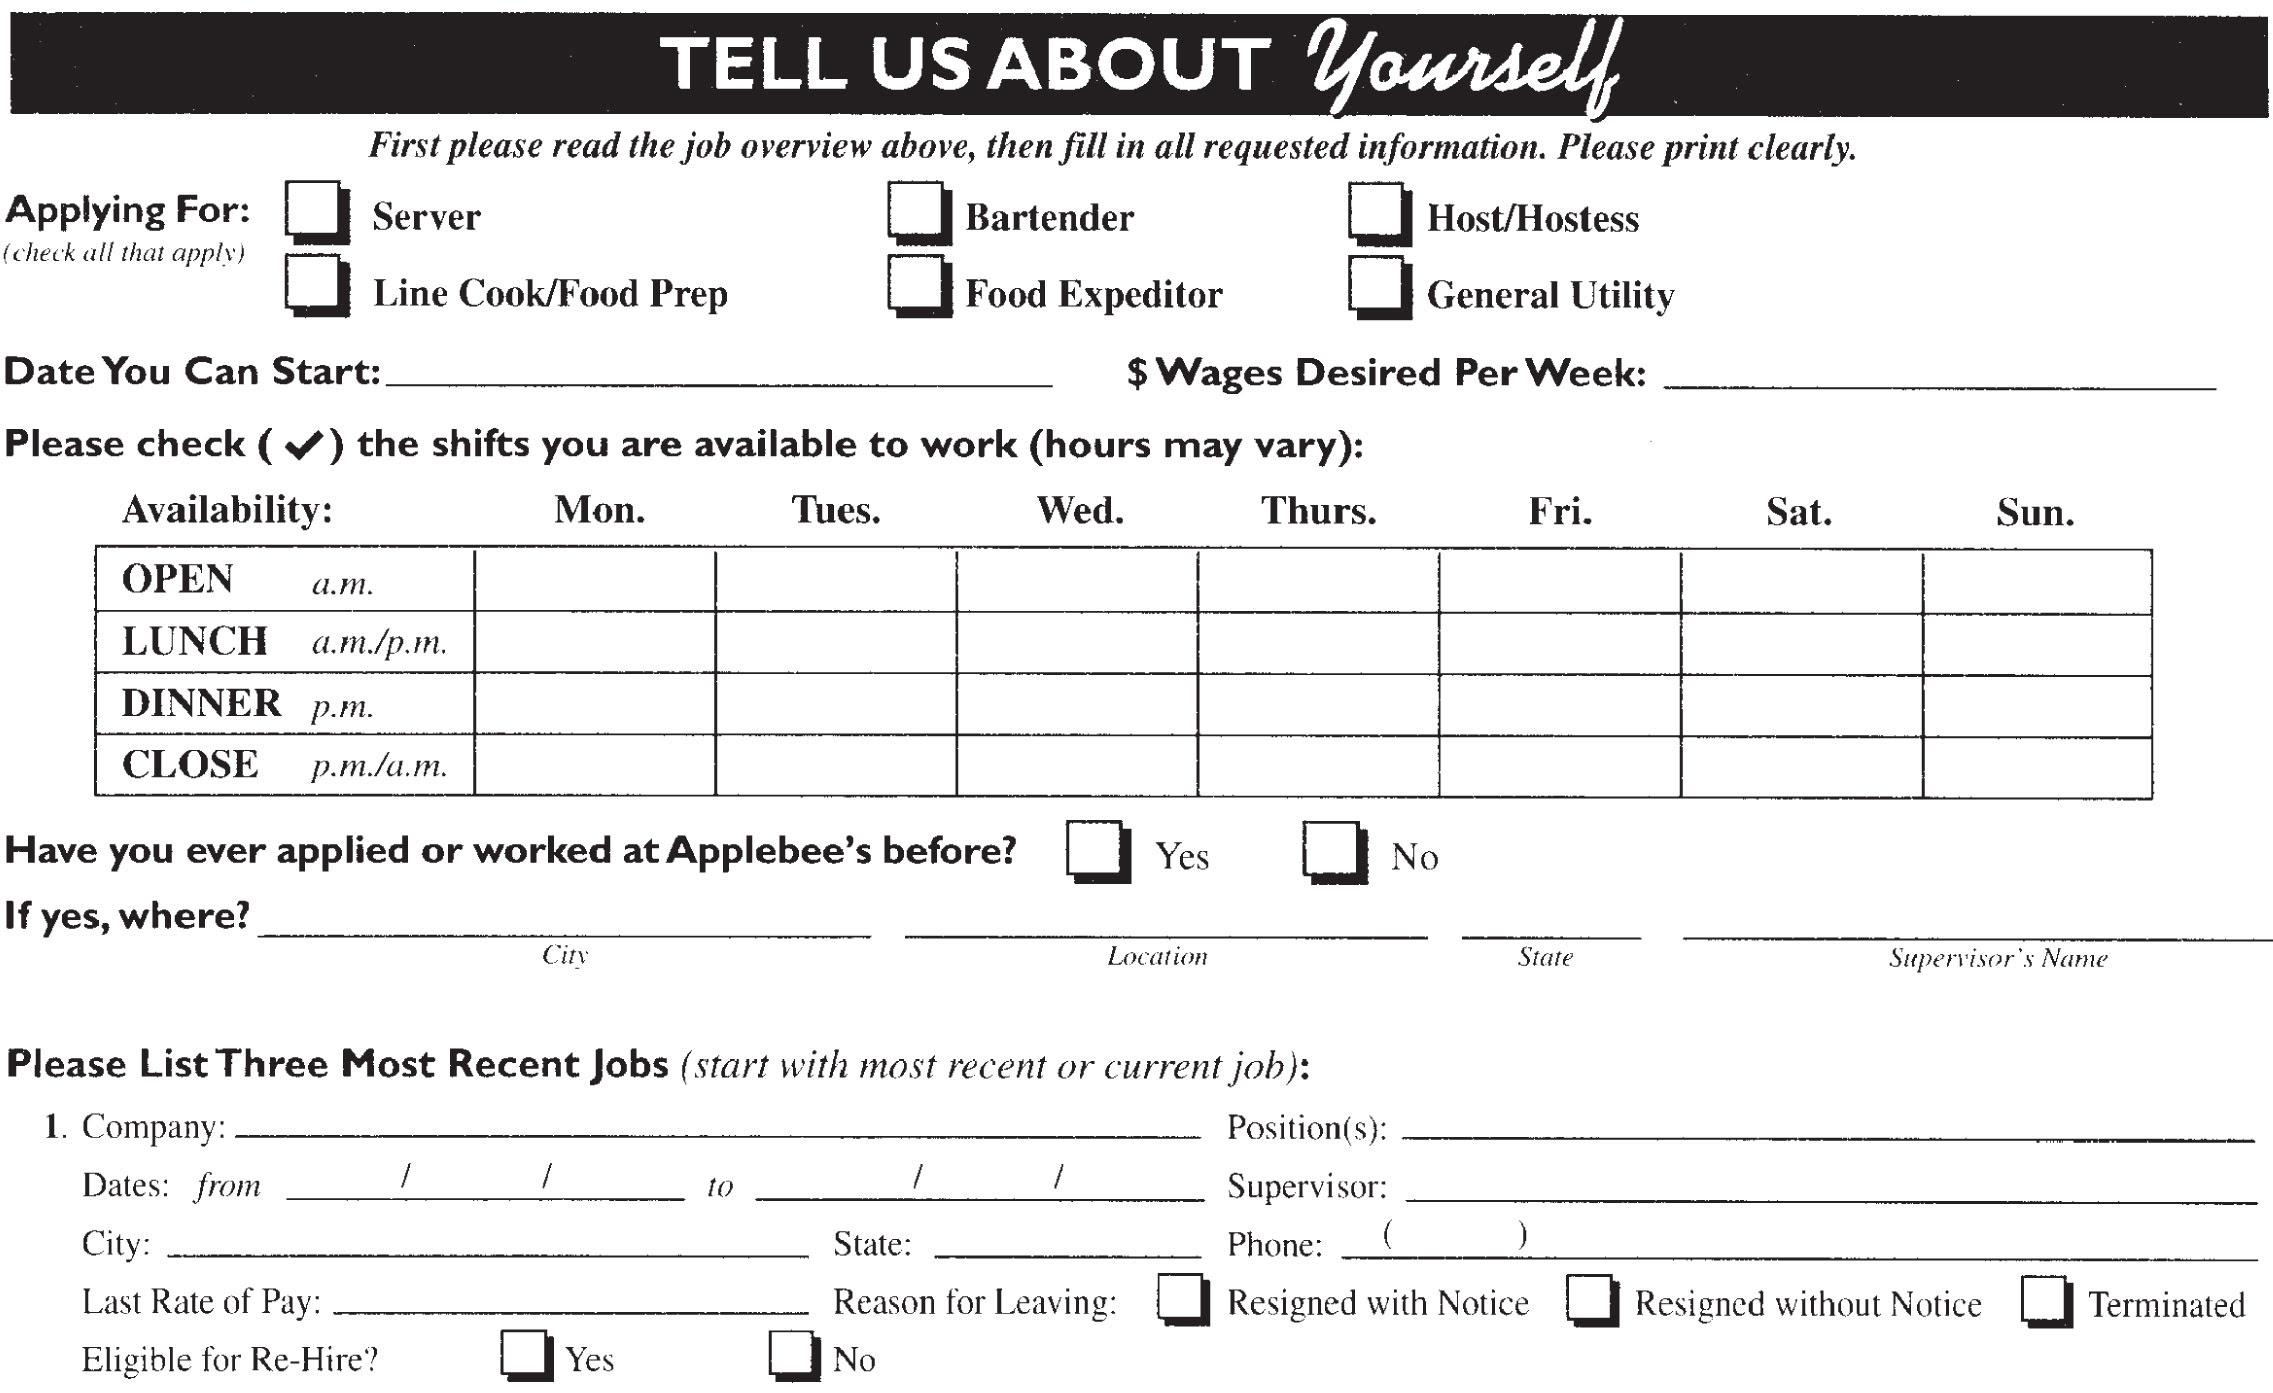 Get Paid Survey: Pizza hut job application form